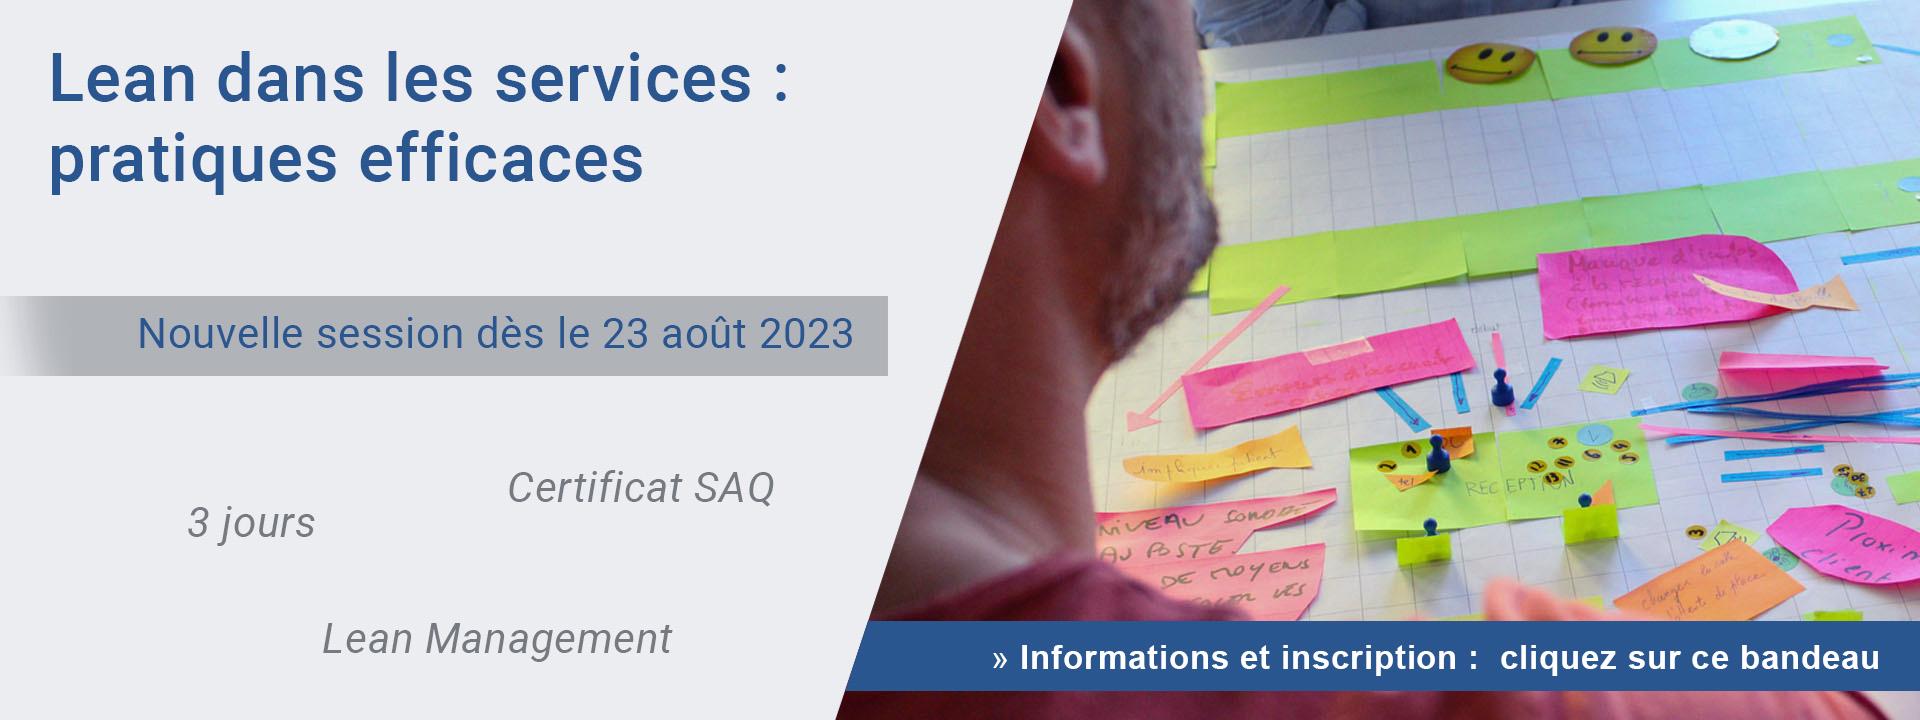 Lean dans les services : pratiques efficaces